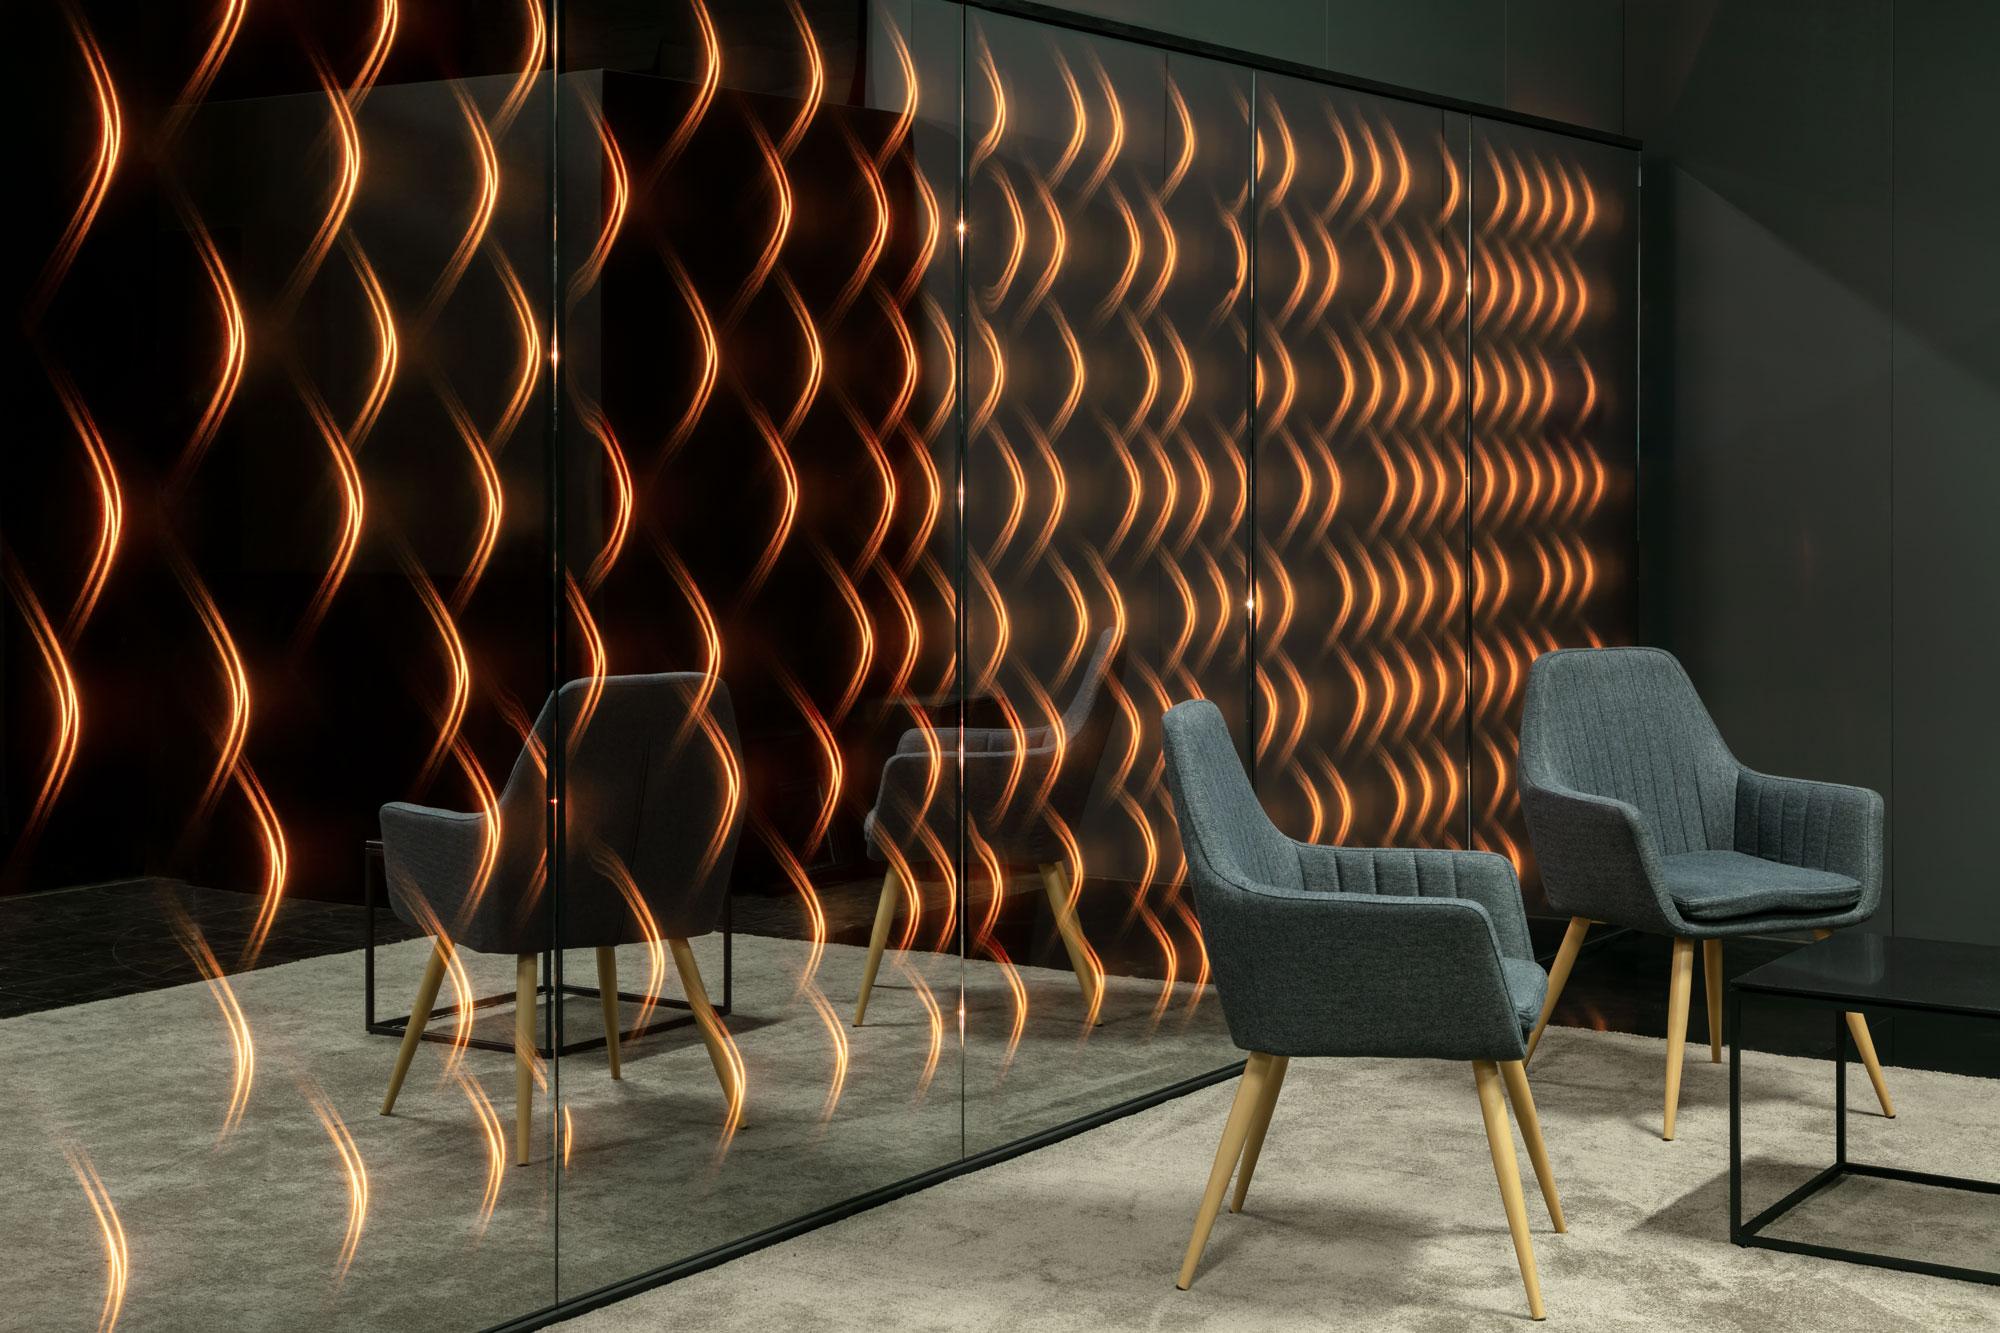 Spiegelglas für individuelle Interior Design Projekte